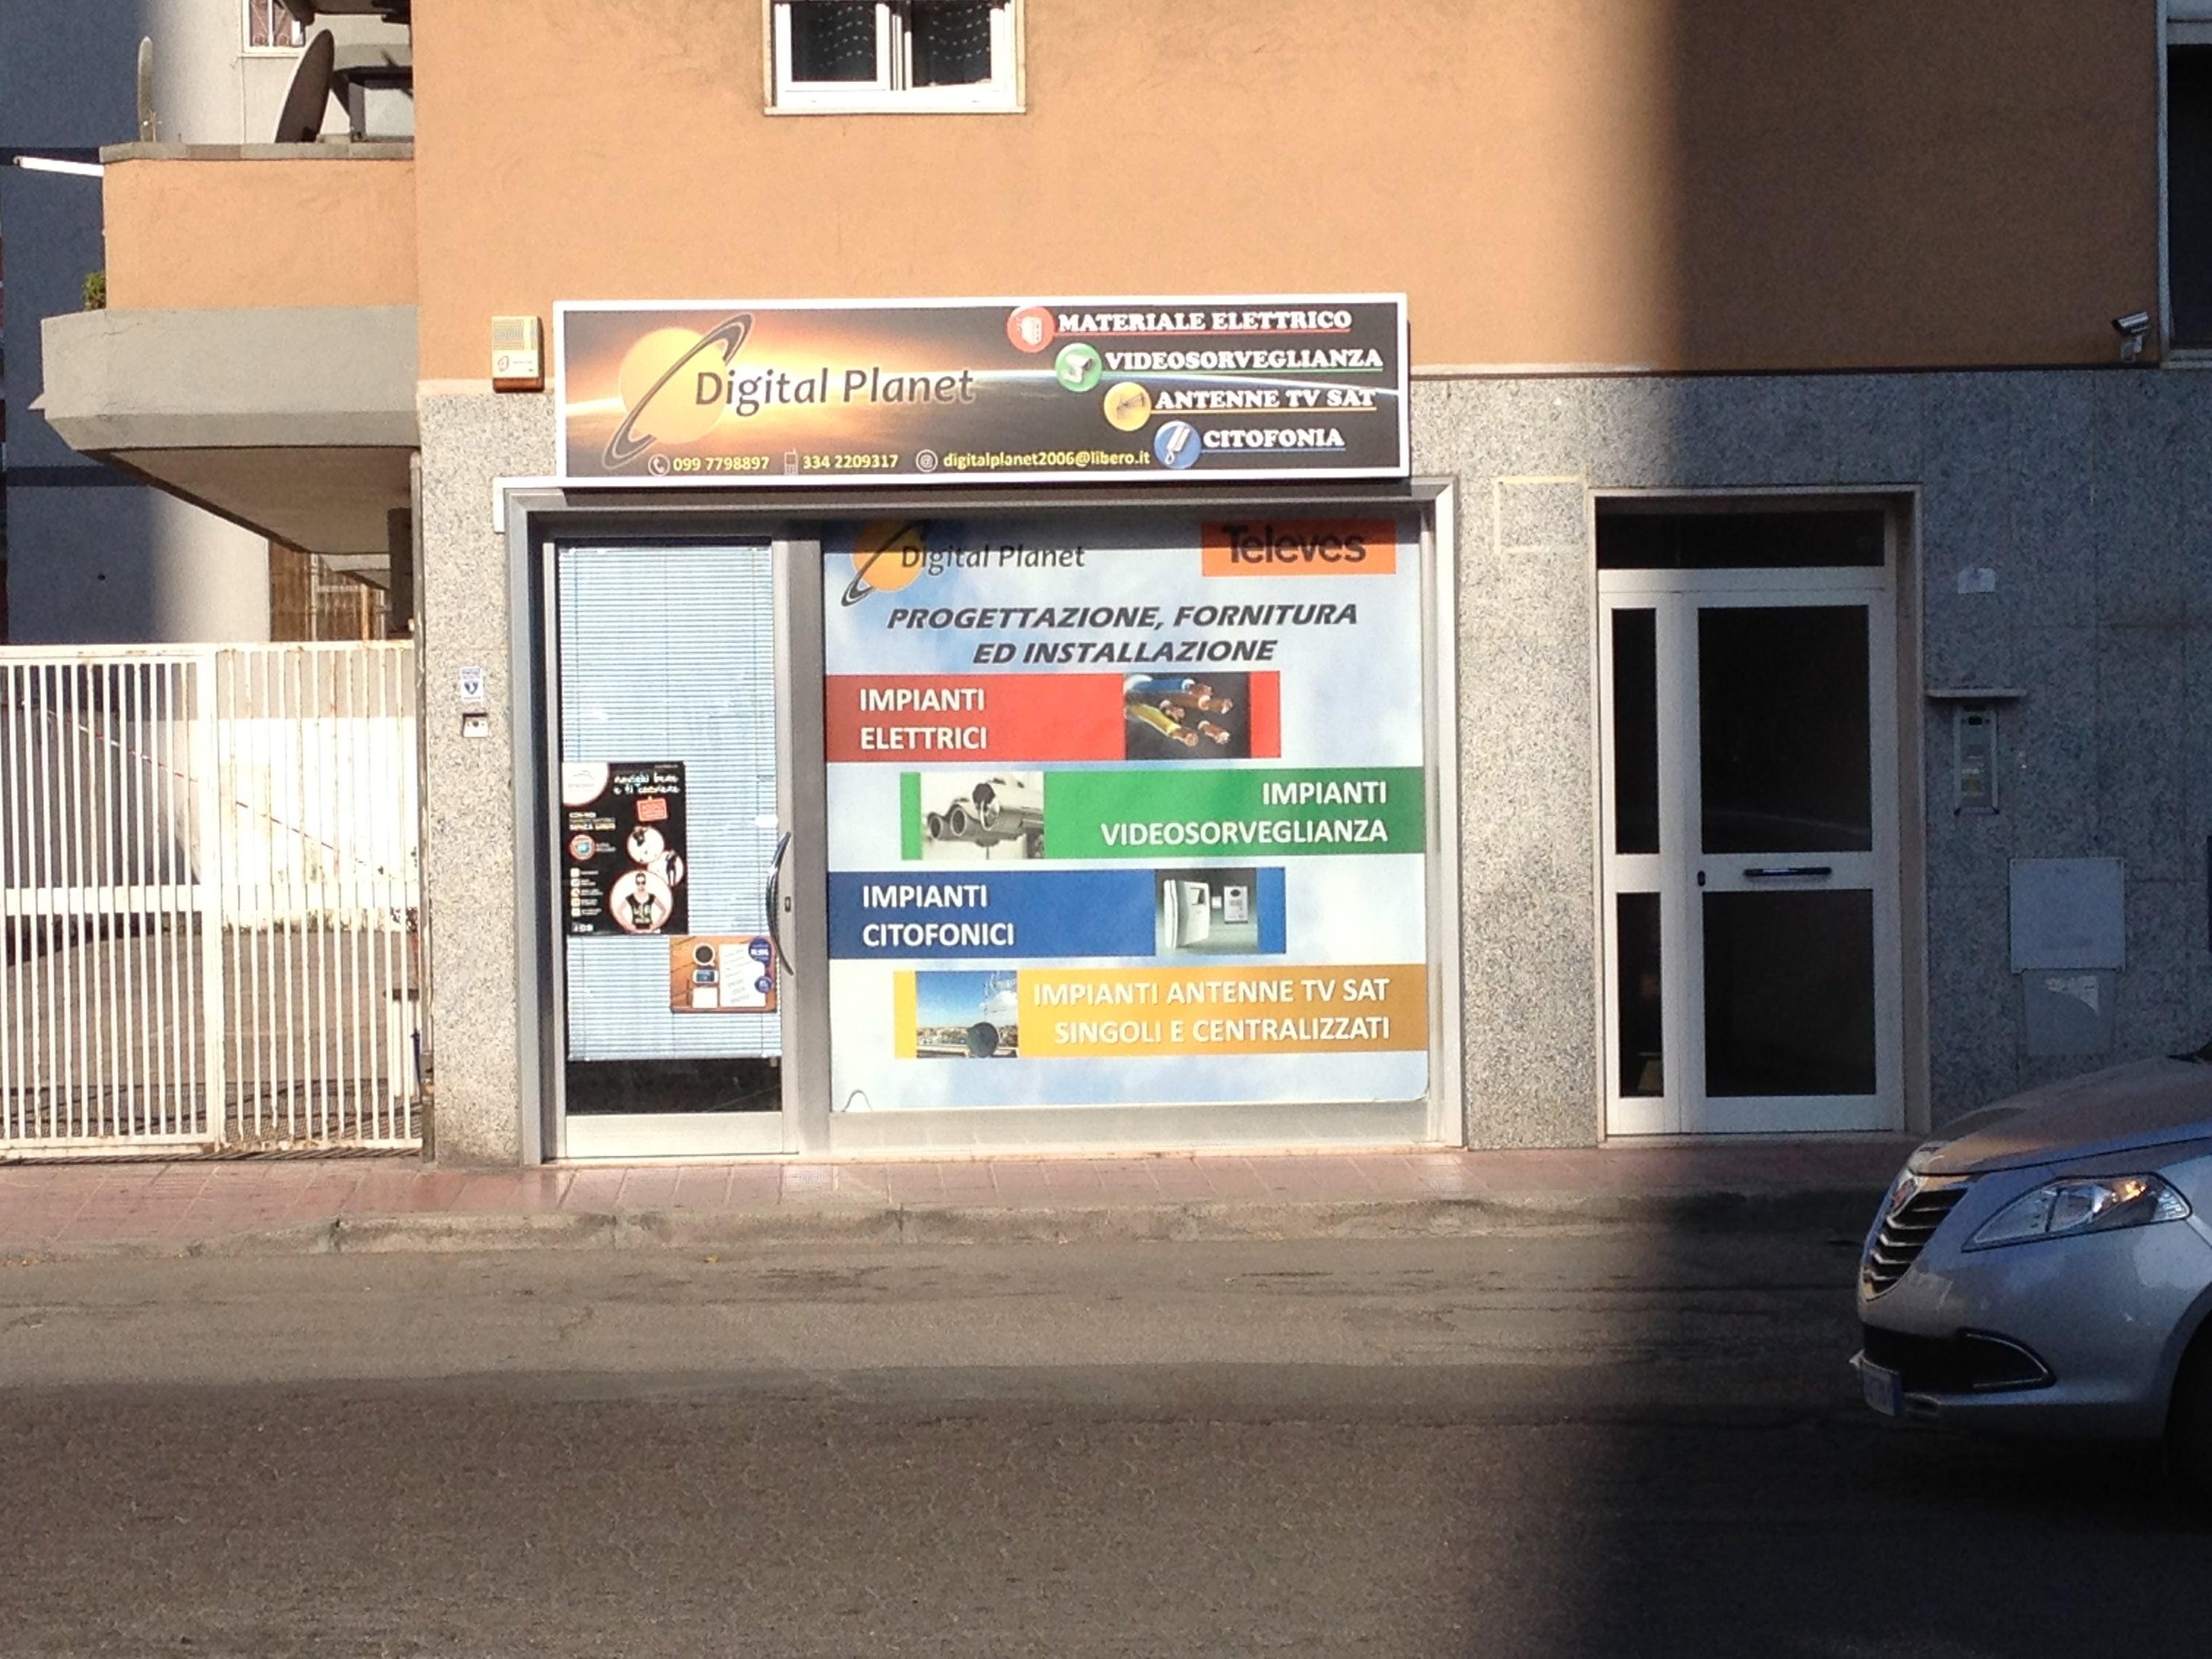 Schema Citofono Urmet 5 Fili.I Migliori 35 Tecnici Per Videocitofono Citofono E Campanelli A Taranto